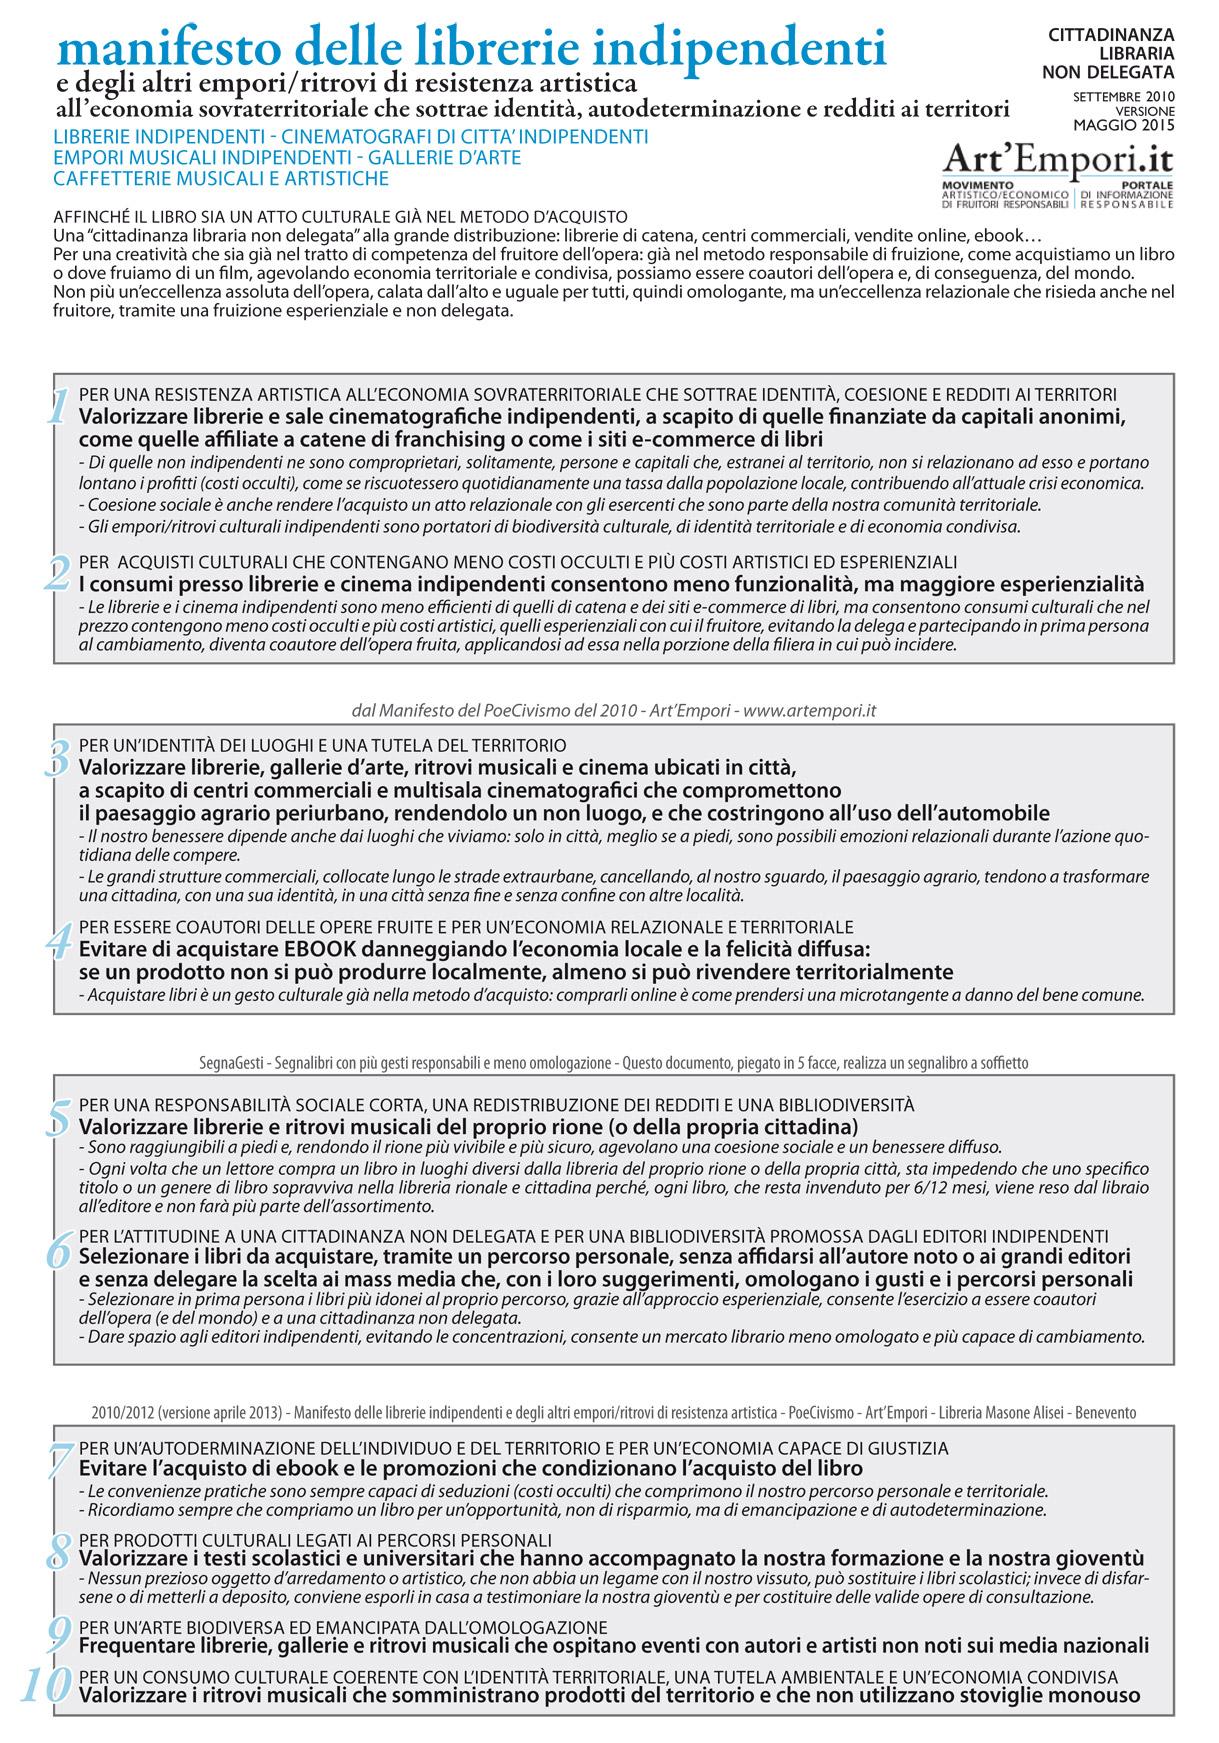 Manifesto-librerie-indipendenti-artempori